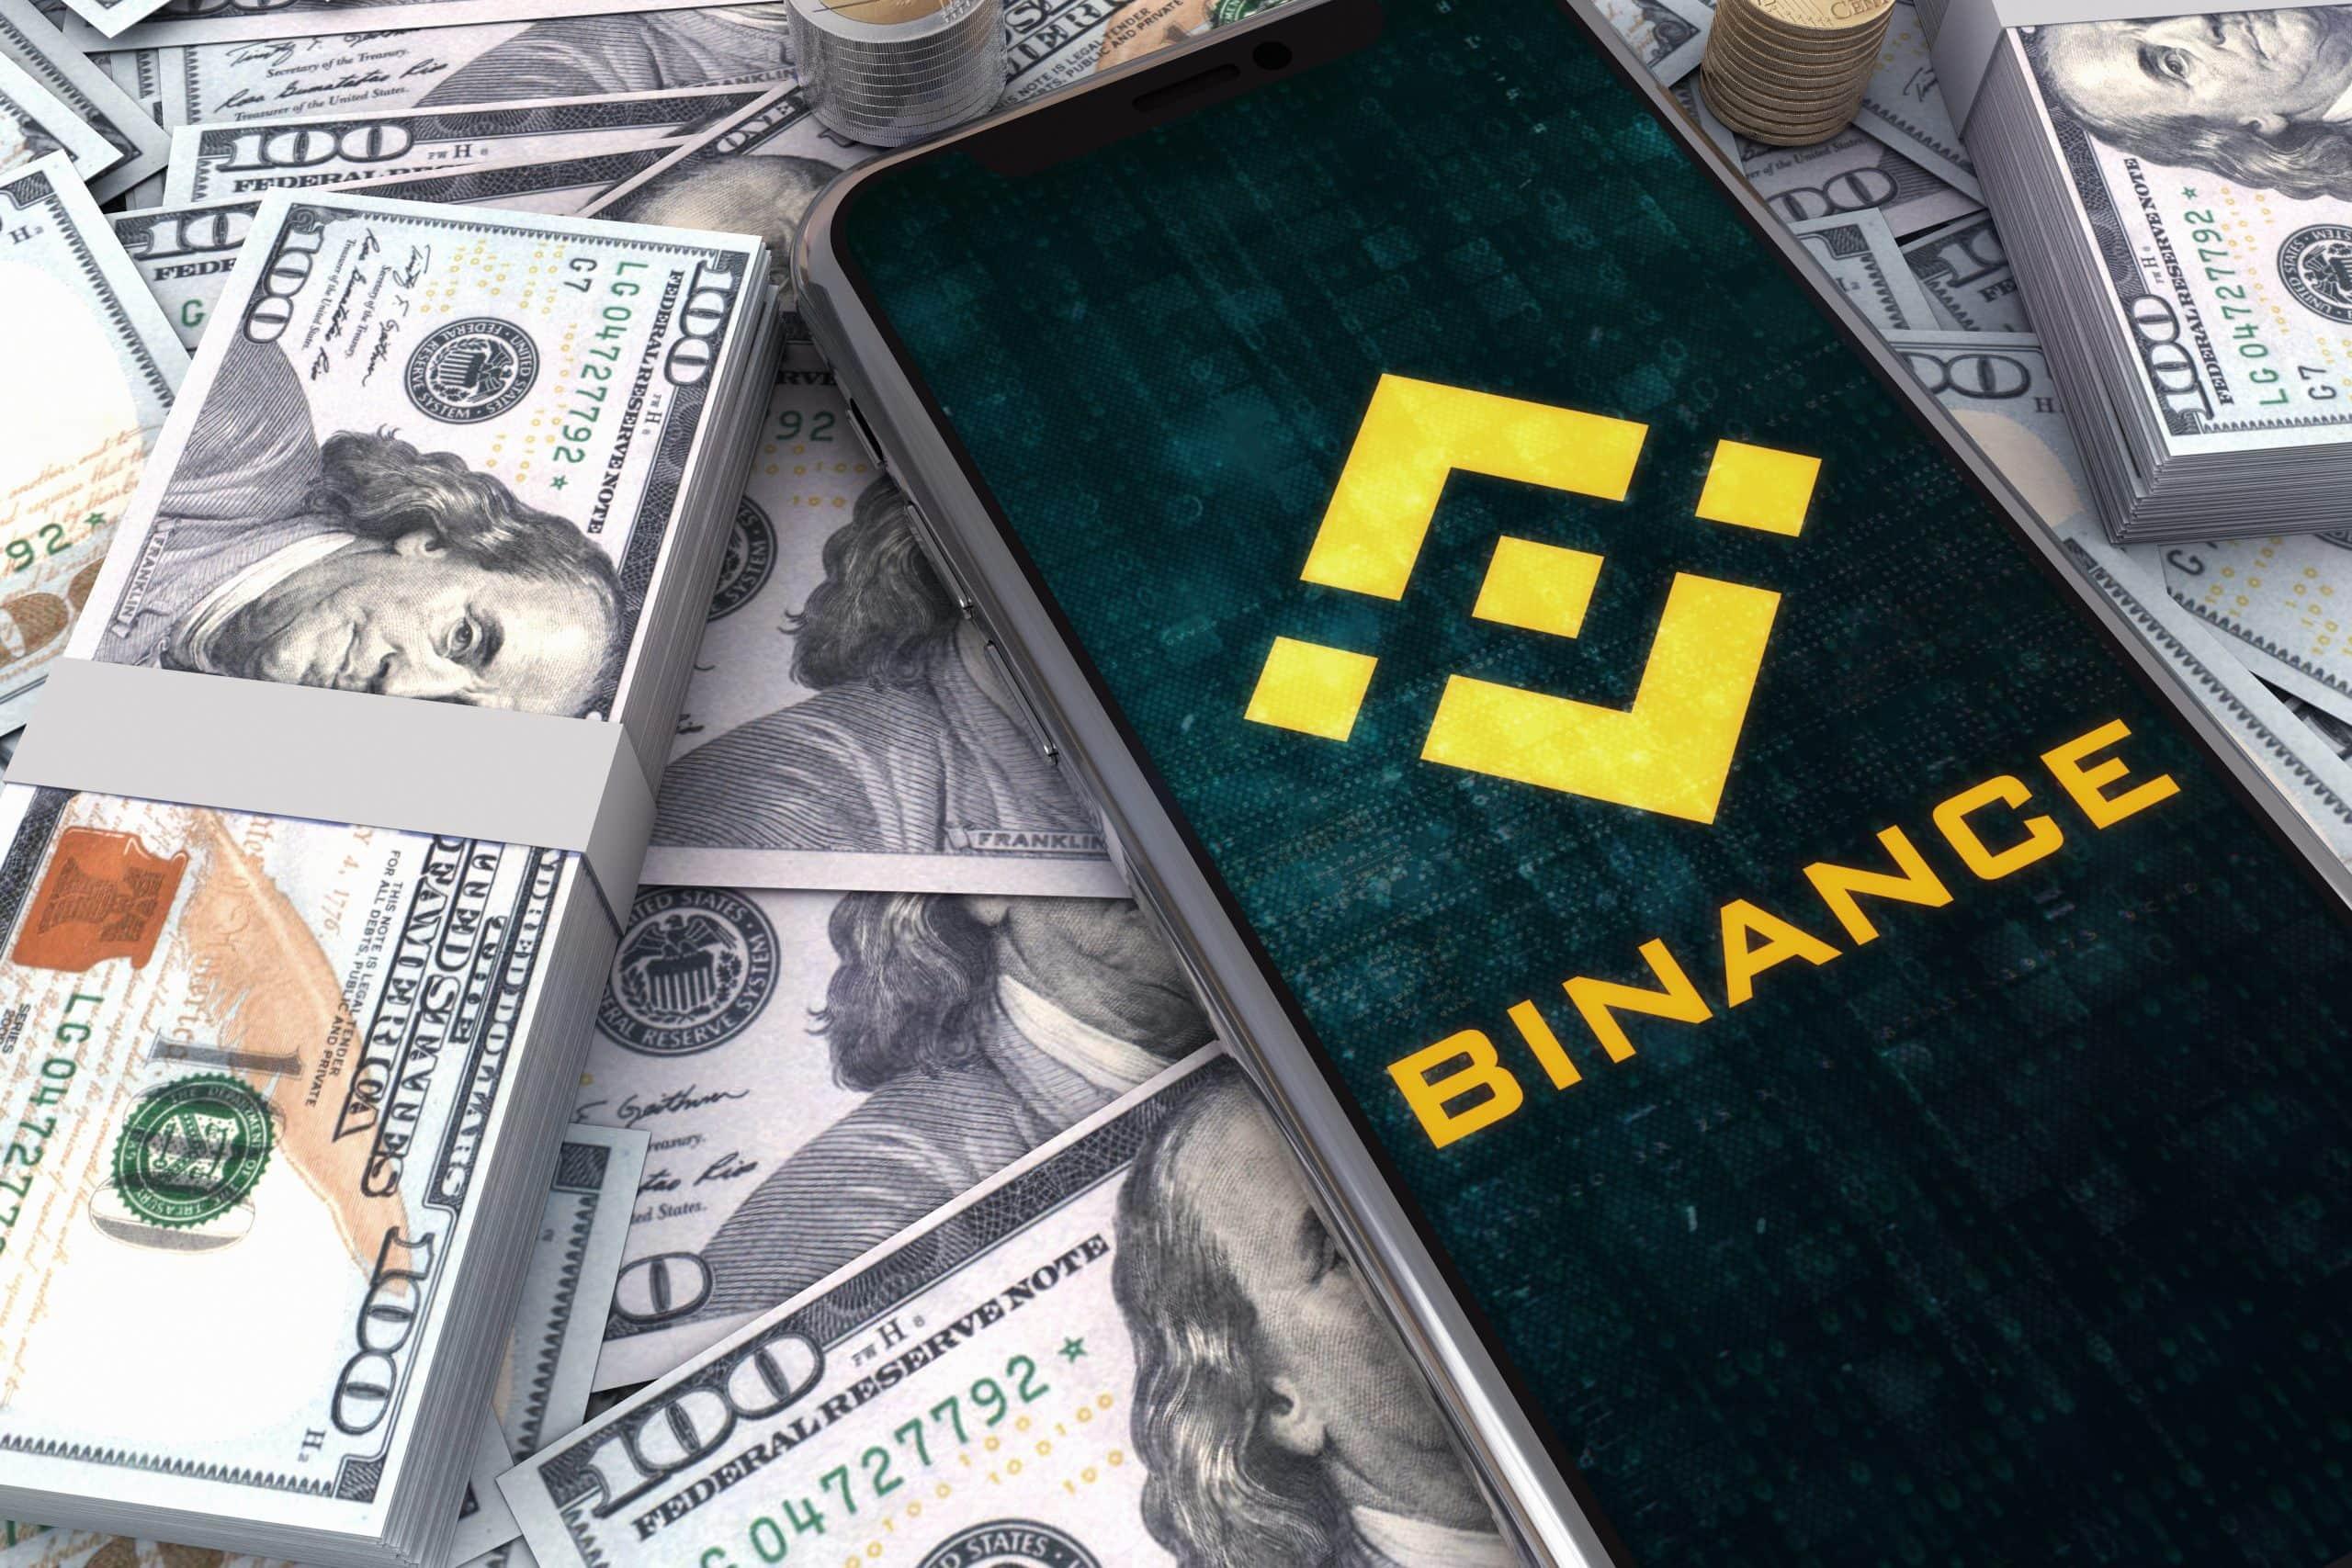 Binance Smart Chain: billion dollar growth fund set up